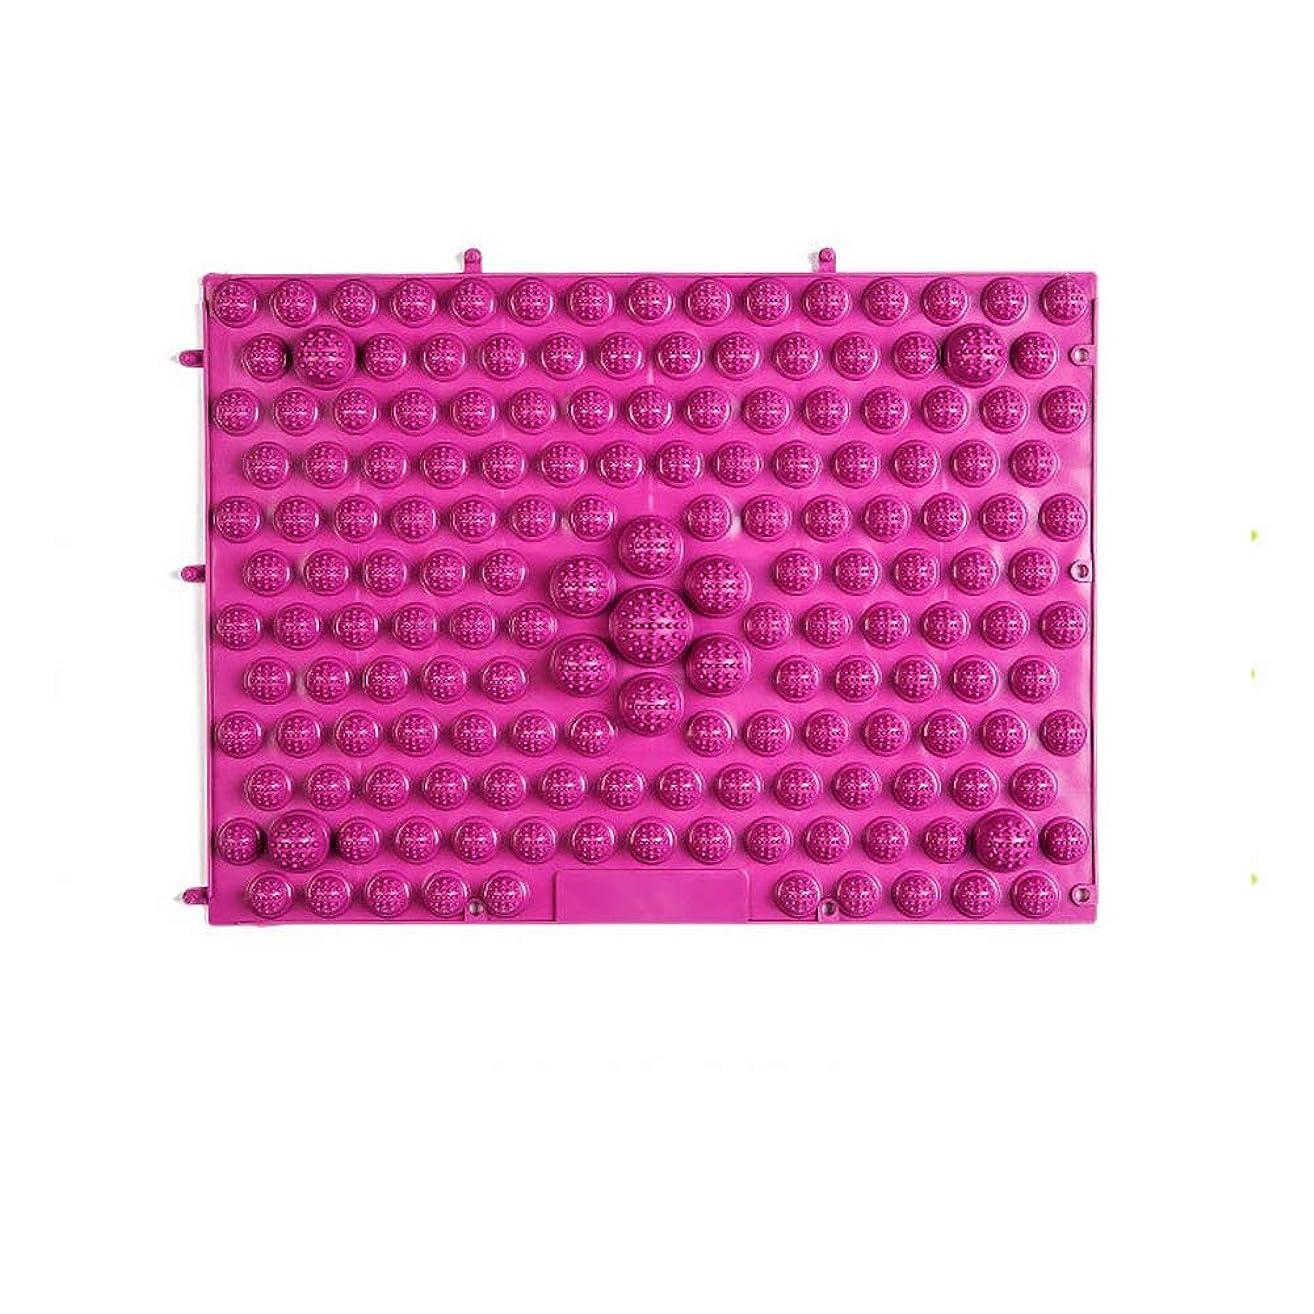 シルク敬意ミントウォークマット 裏板セット(ABS樹脂製補強板付き) (レッド)